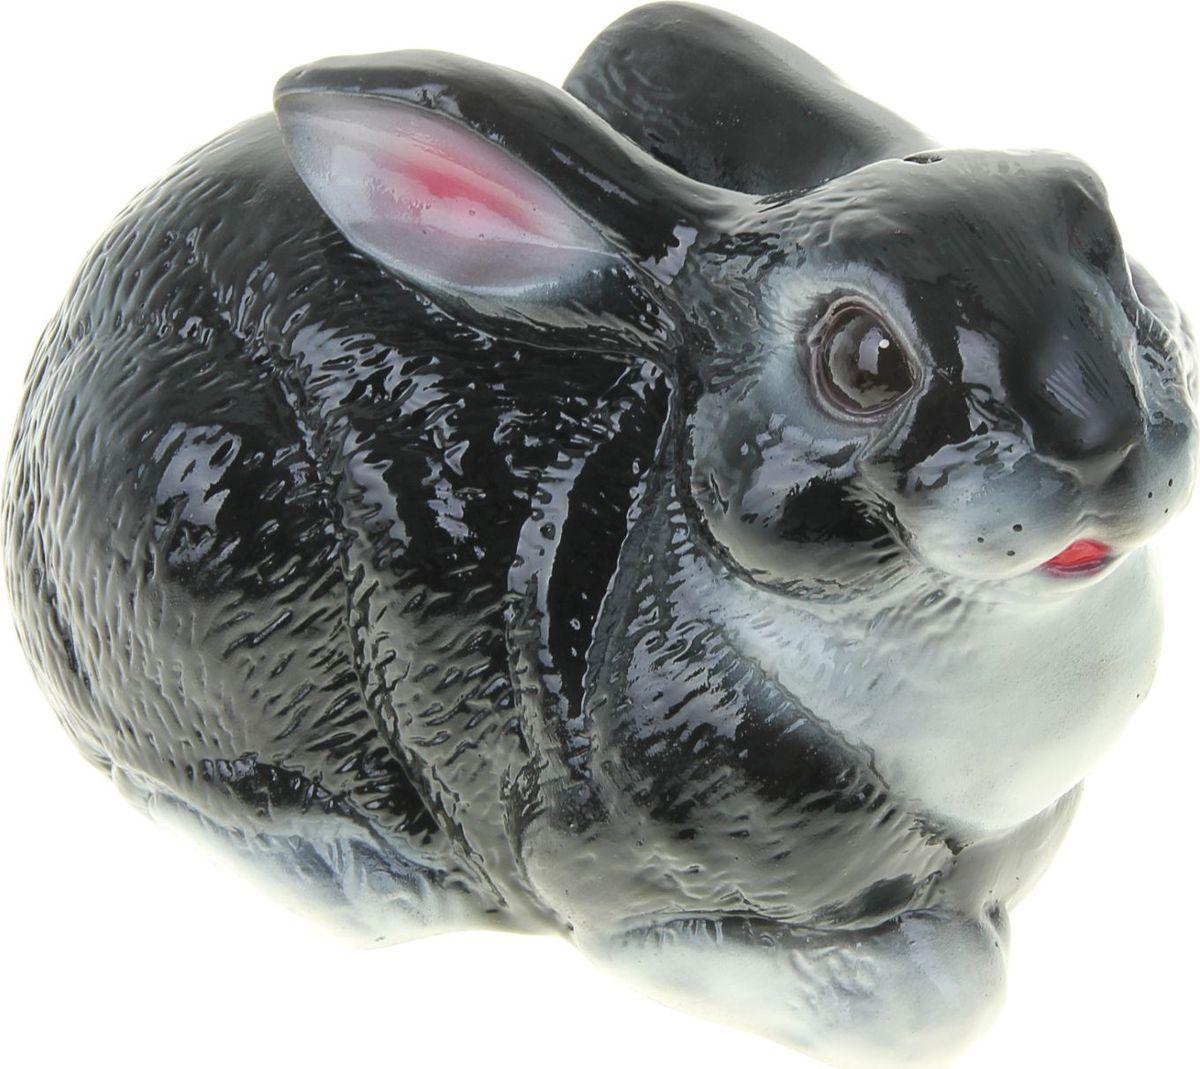 Копилка Керамика ручной работы Заяц, цвет: черный, 29 х 12 х 16 см323252Копилка в виде зайца поможет сберечь финансы будущим родителям, а также притянет удачу в дом молодой семьи. Это животное символизирует плодовитость, возрождение и даже магическую силу. Копилка — подарок, который можно сделать на свадьбу, её годовщину или паре, которая хочет завести ребёнка.Обращаем ваше внимание, что копилка является одноразовой.